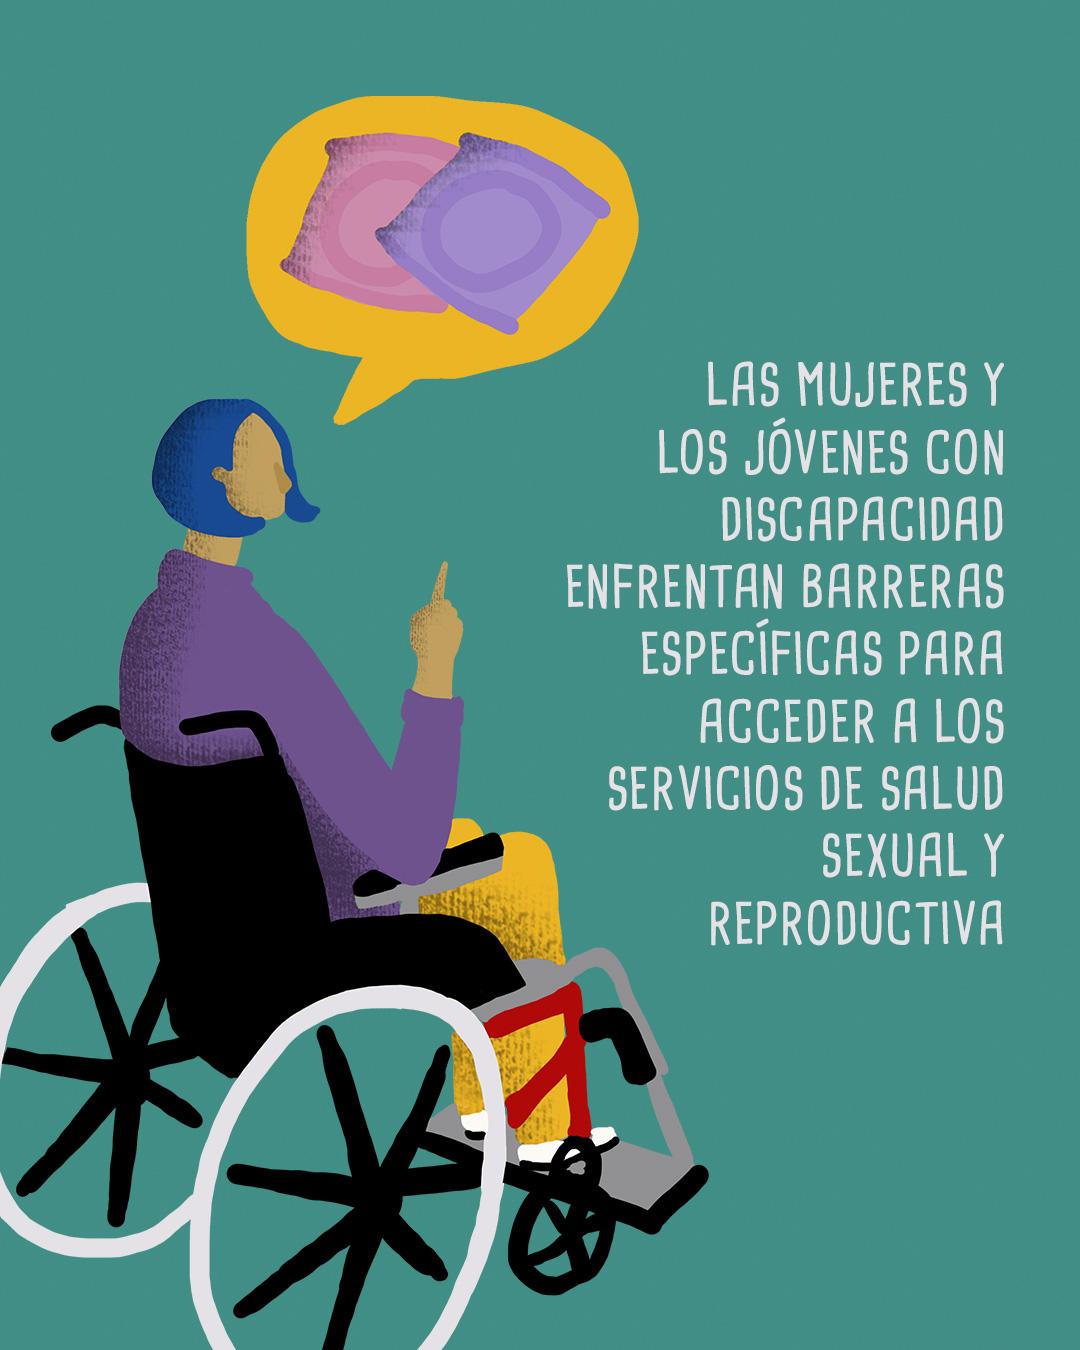 Ilustración de una persona con discapacidad motora, hablando sobre condones. Un texto que dice, las mujeres y jóvenes con discapacidad enfrentan barreras específicas para acceder a os servicios de salud sexual y reproductiva.